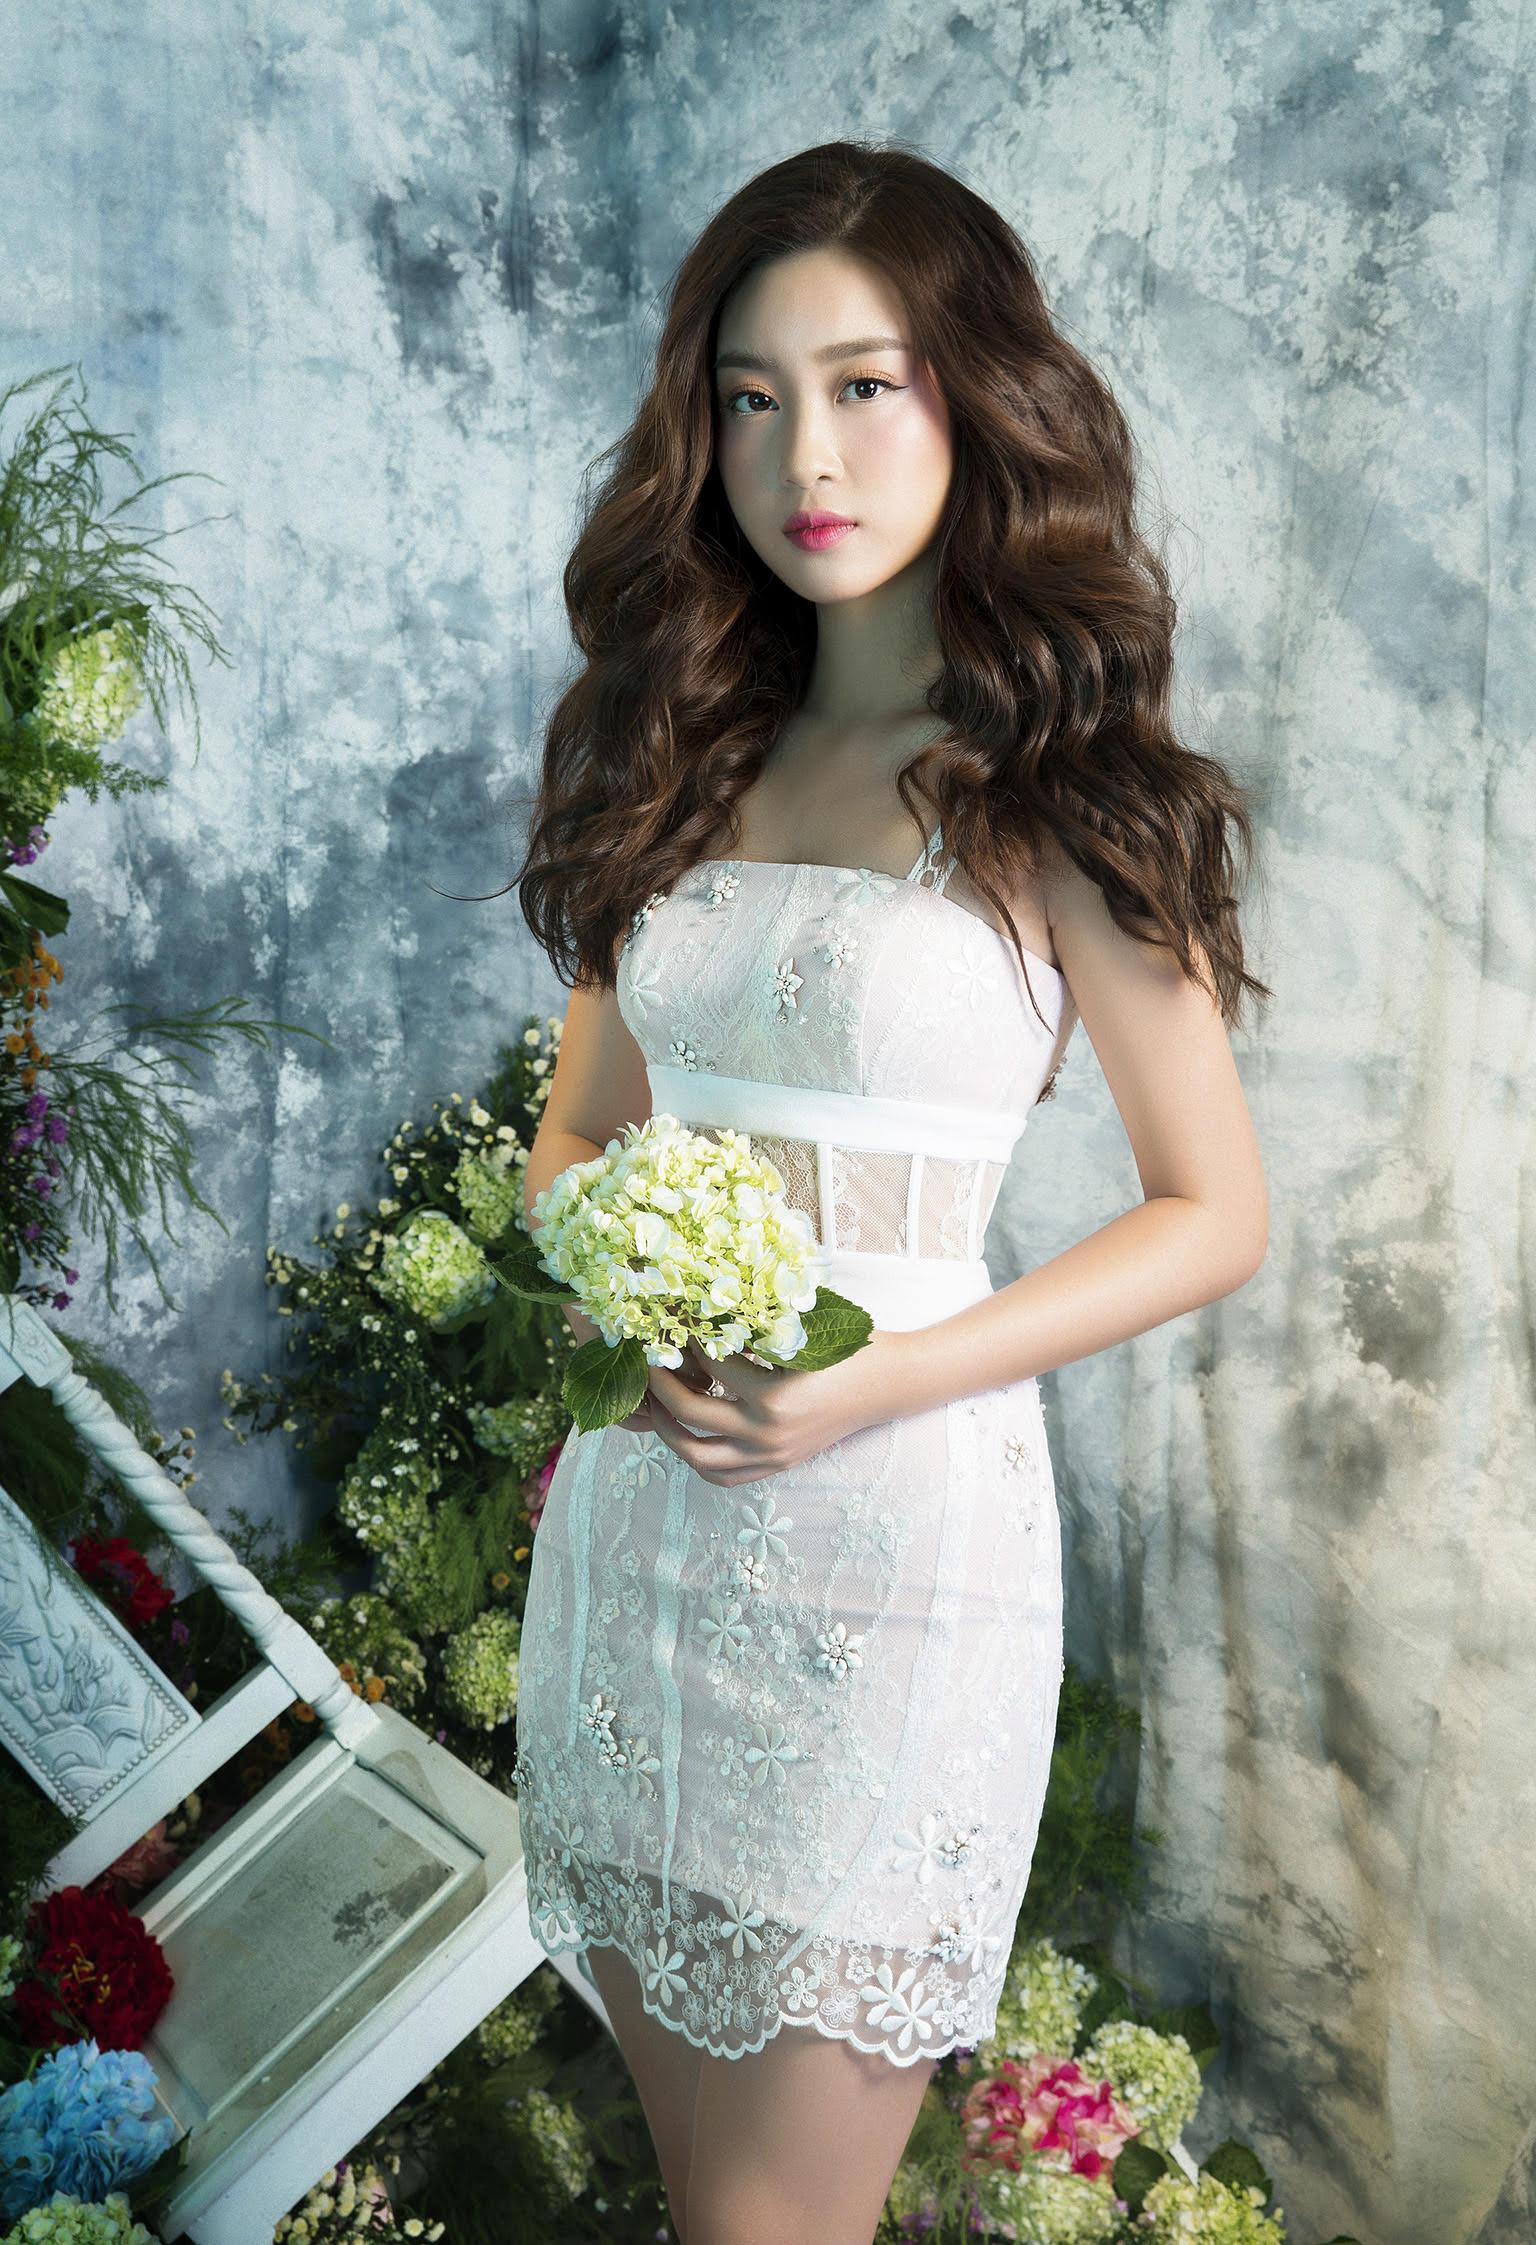 Hoa hậu Việt Nam 2016 Mỹ Linh ngày càng xinh đẹp và khoe vẻ gợi cảm